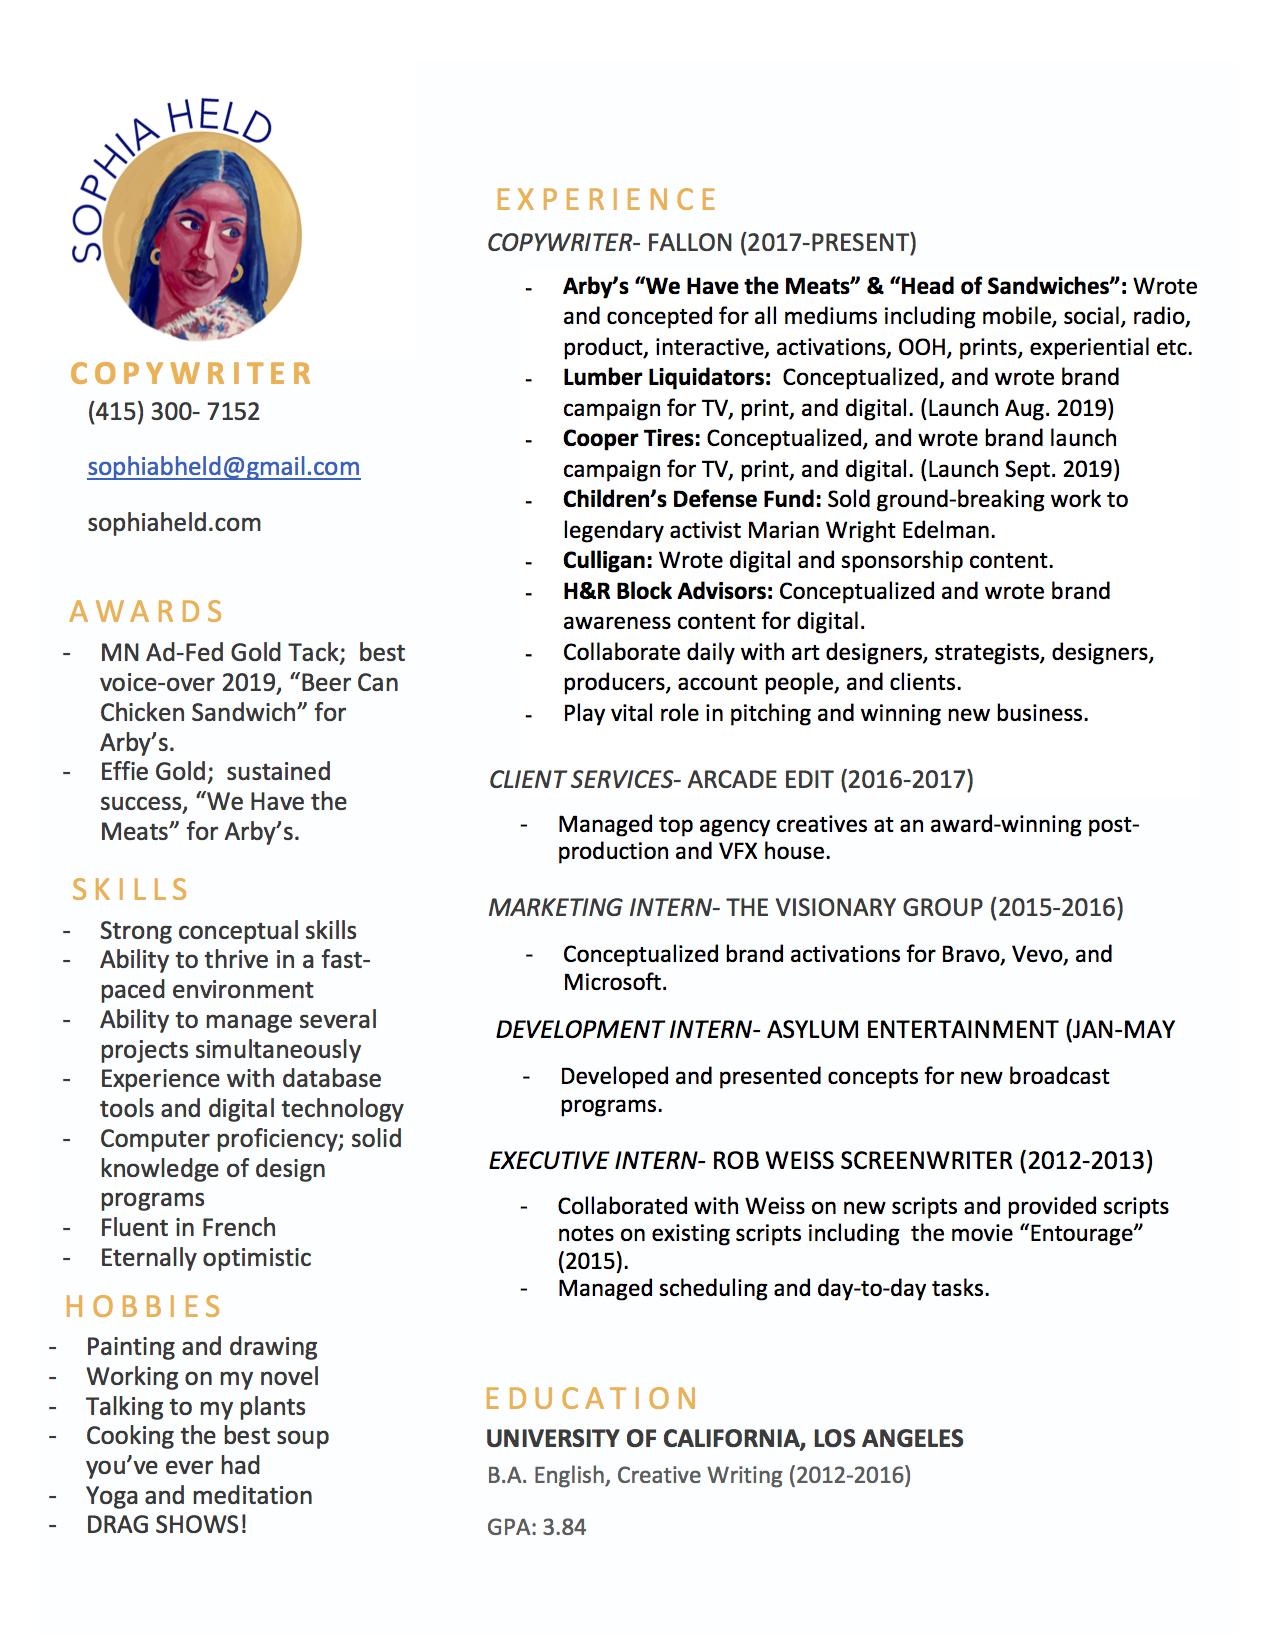 Resume- Sophia Held (6.2019).jpg